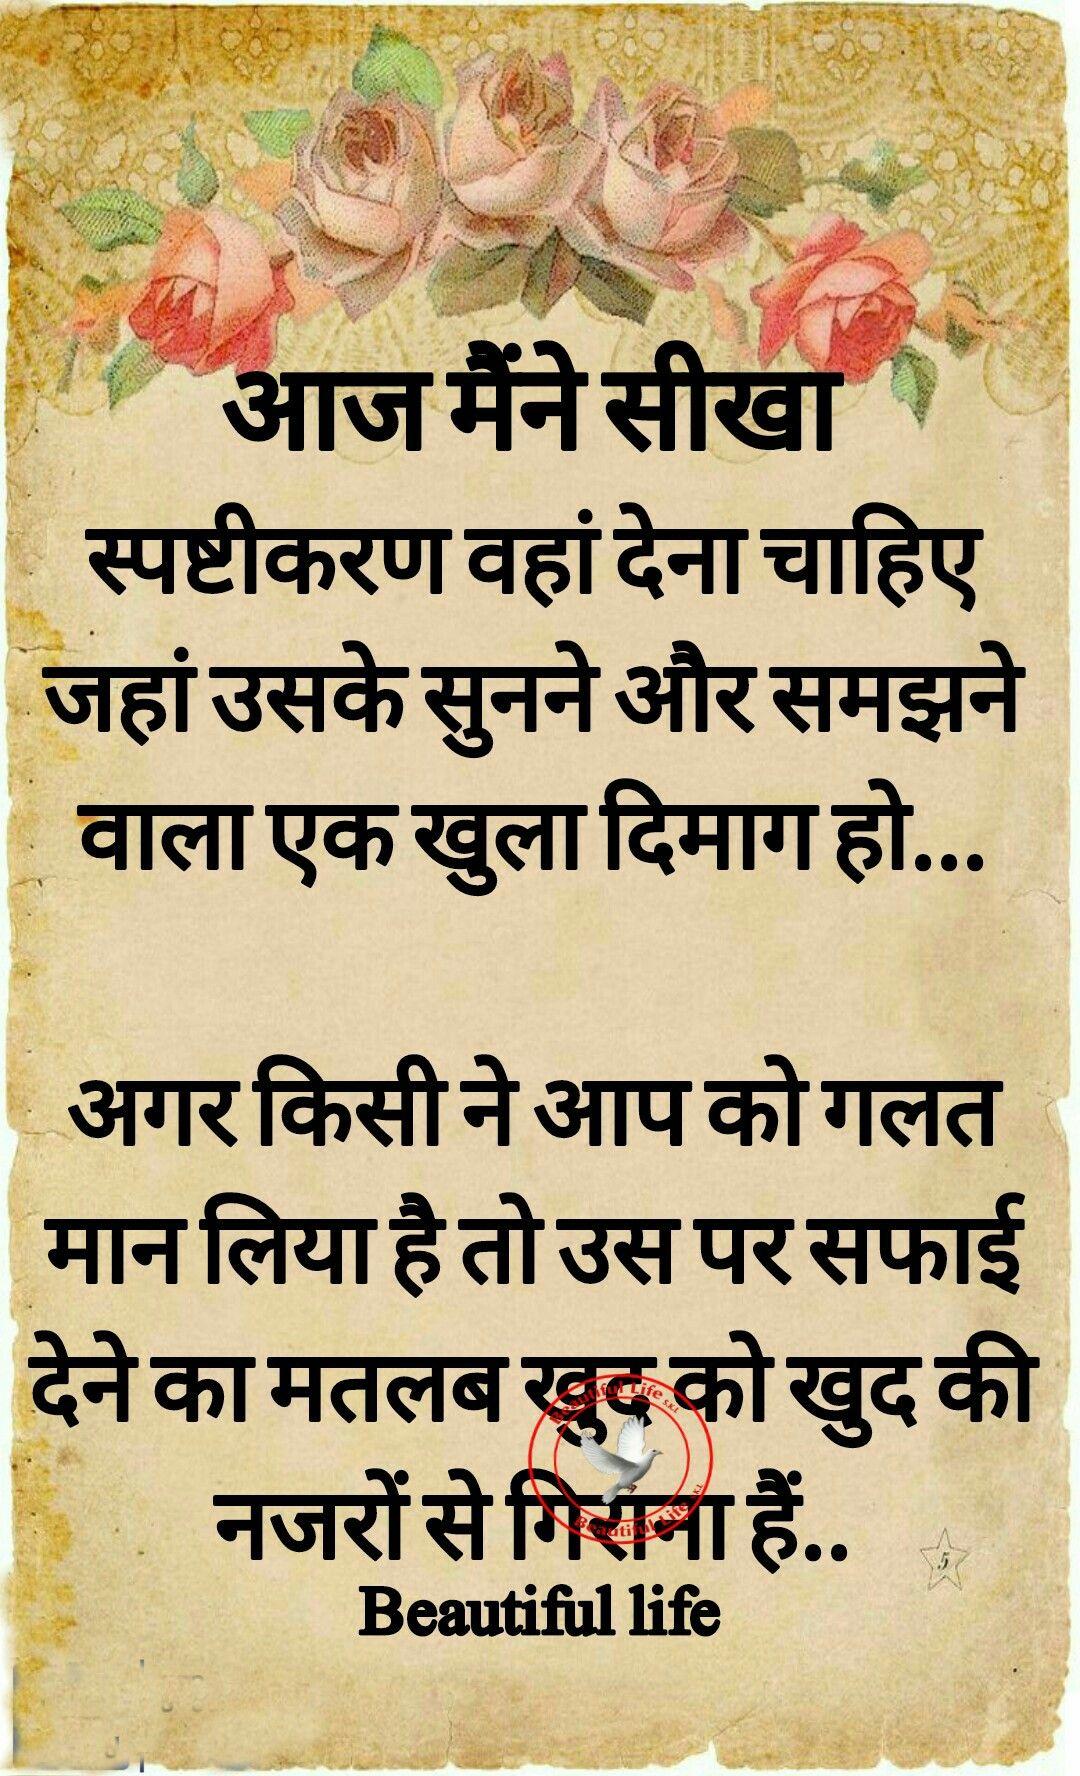 Pin By Dj On Beatiful Life Skl Hindi Punjabi Quotes Part 1